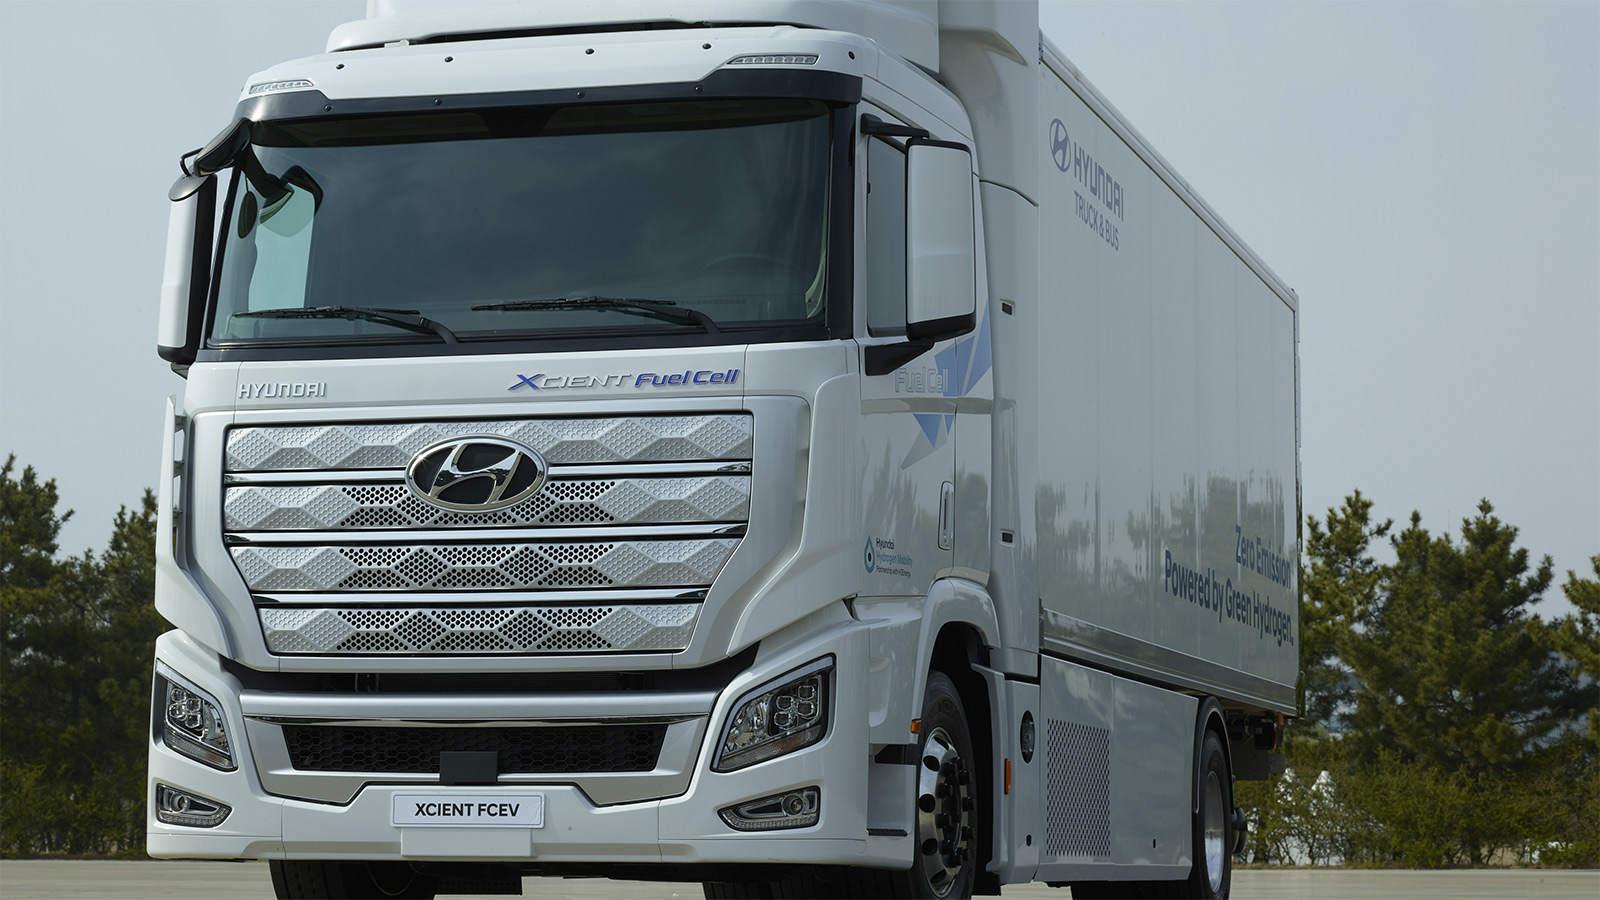 現代自動車、燃料電池大型トラック「XCIENT」を欧州向けに出荷 | 日経 ...